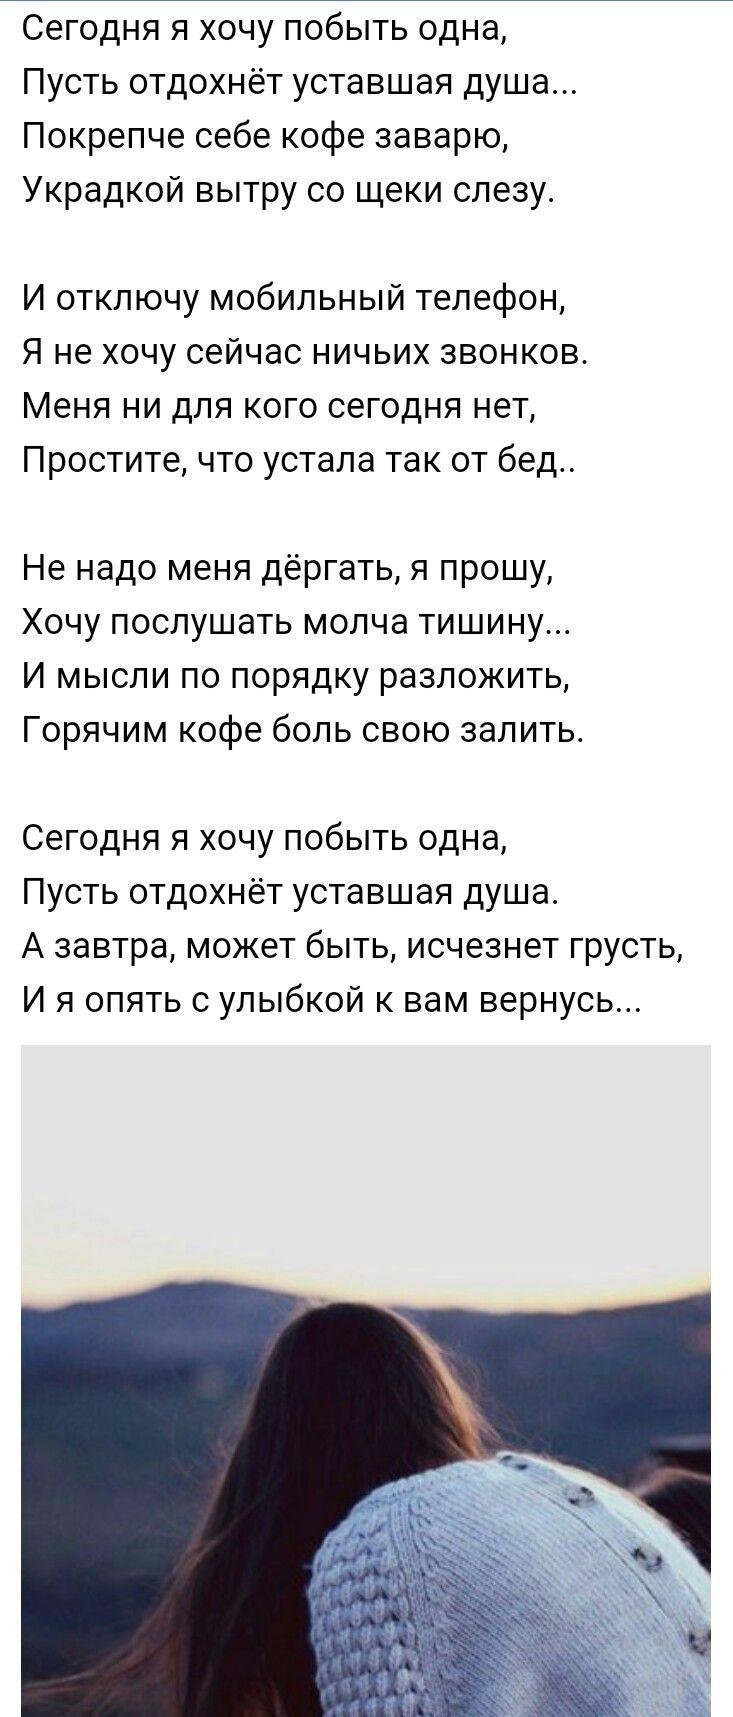 Utihnet Bol S Izobrazheniyami Mudrye Citaty Vdohnovlyayushie